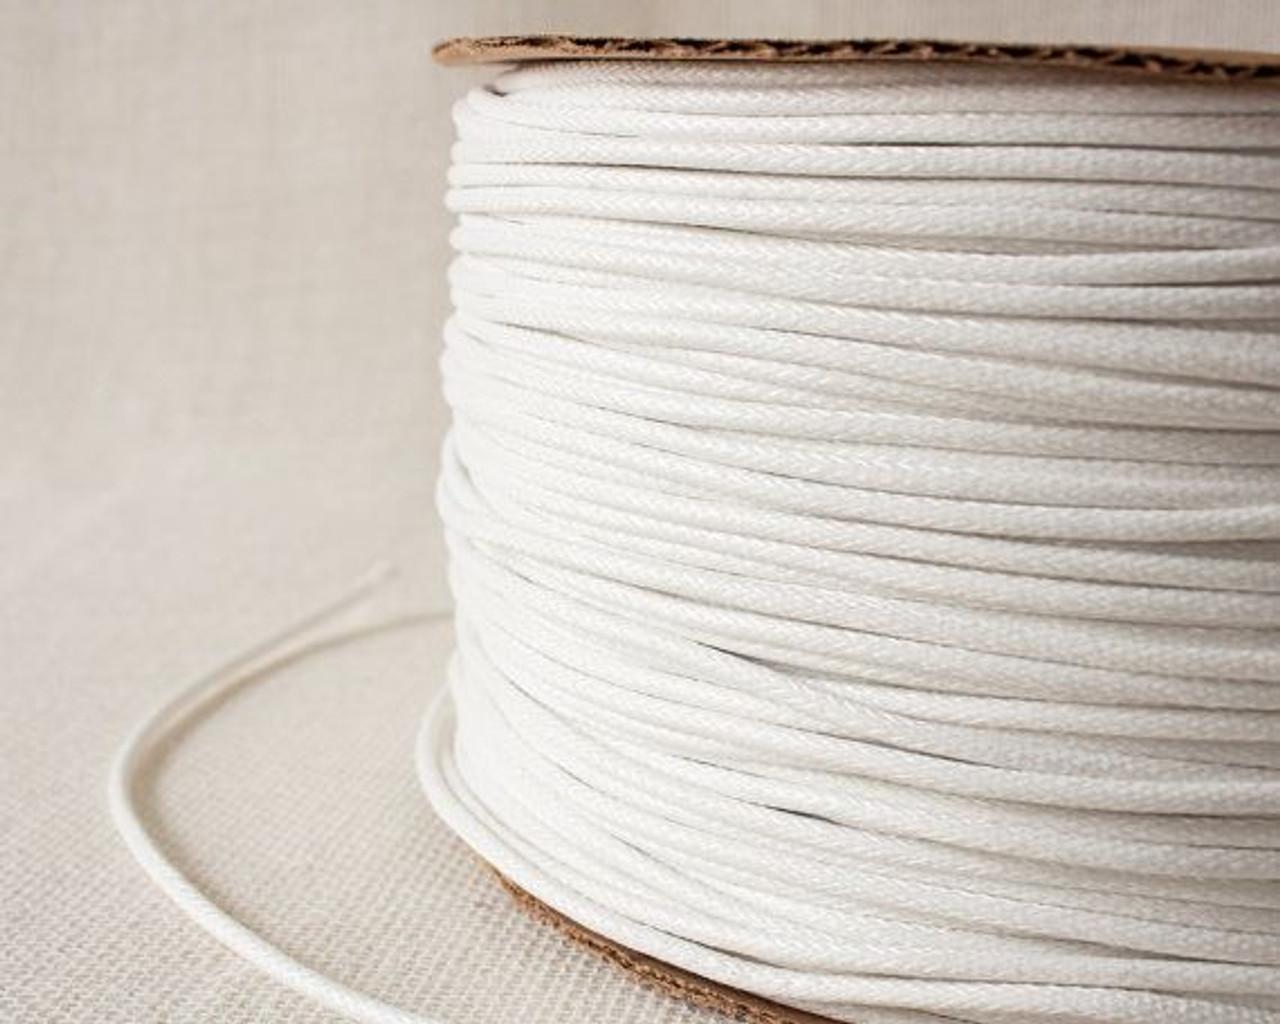 5/32 Tissue Welt Cord - 500 Yard Roll